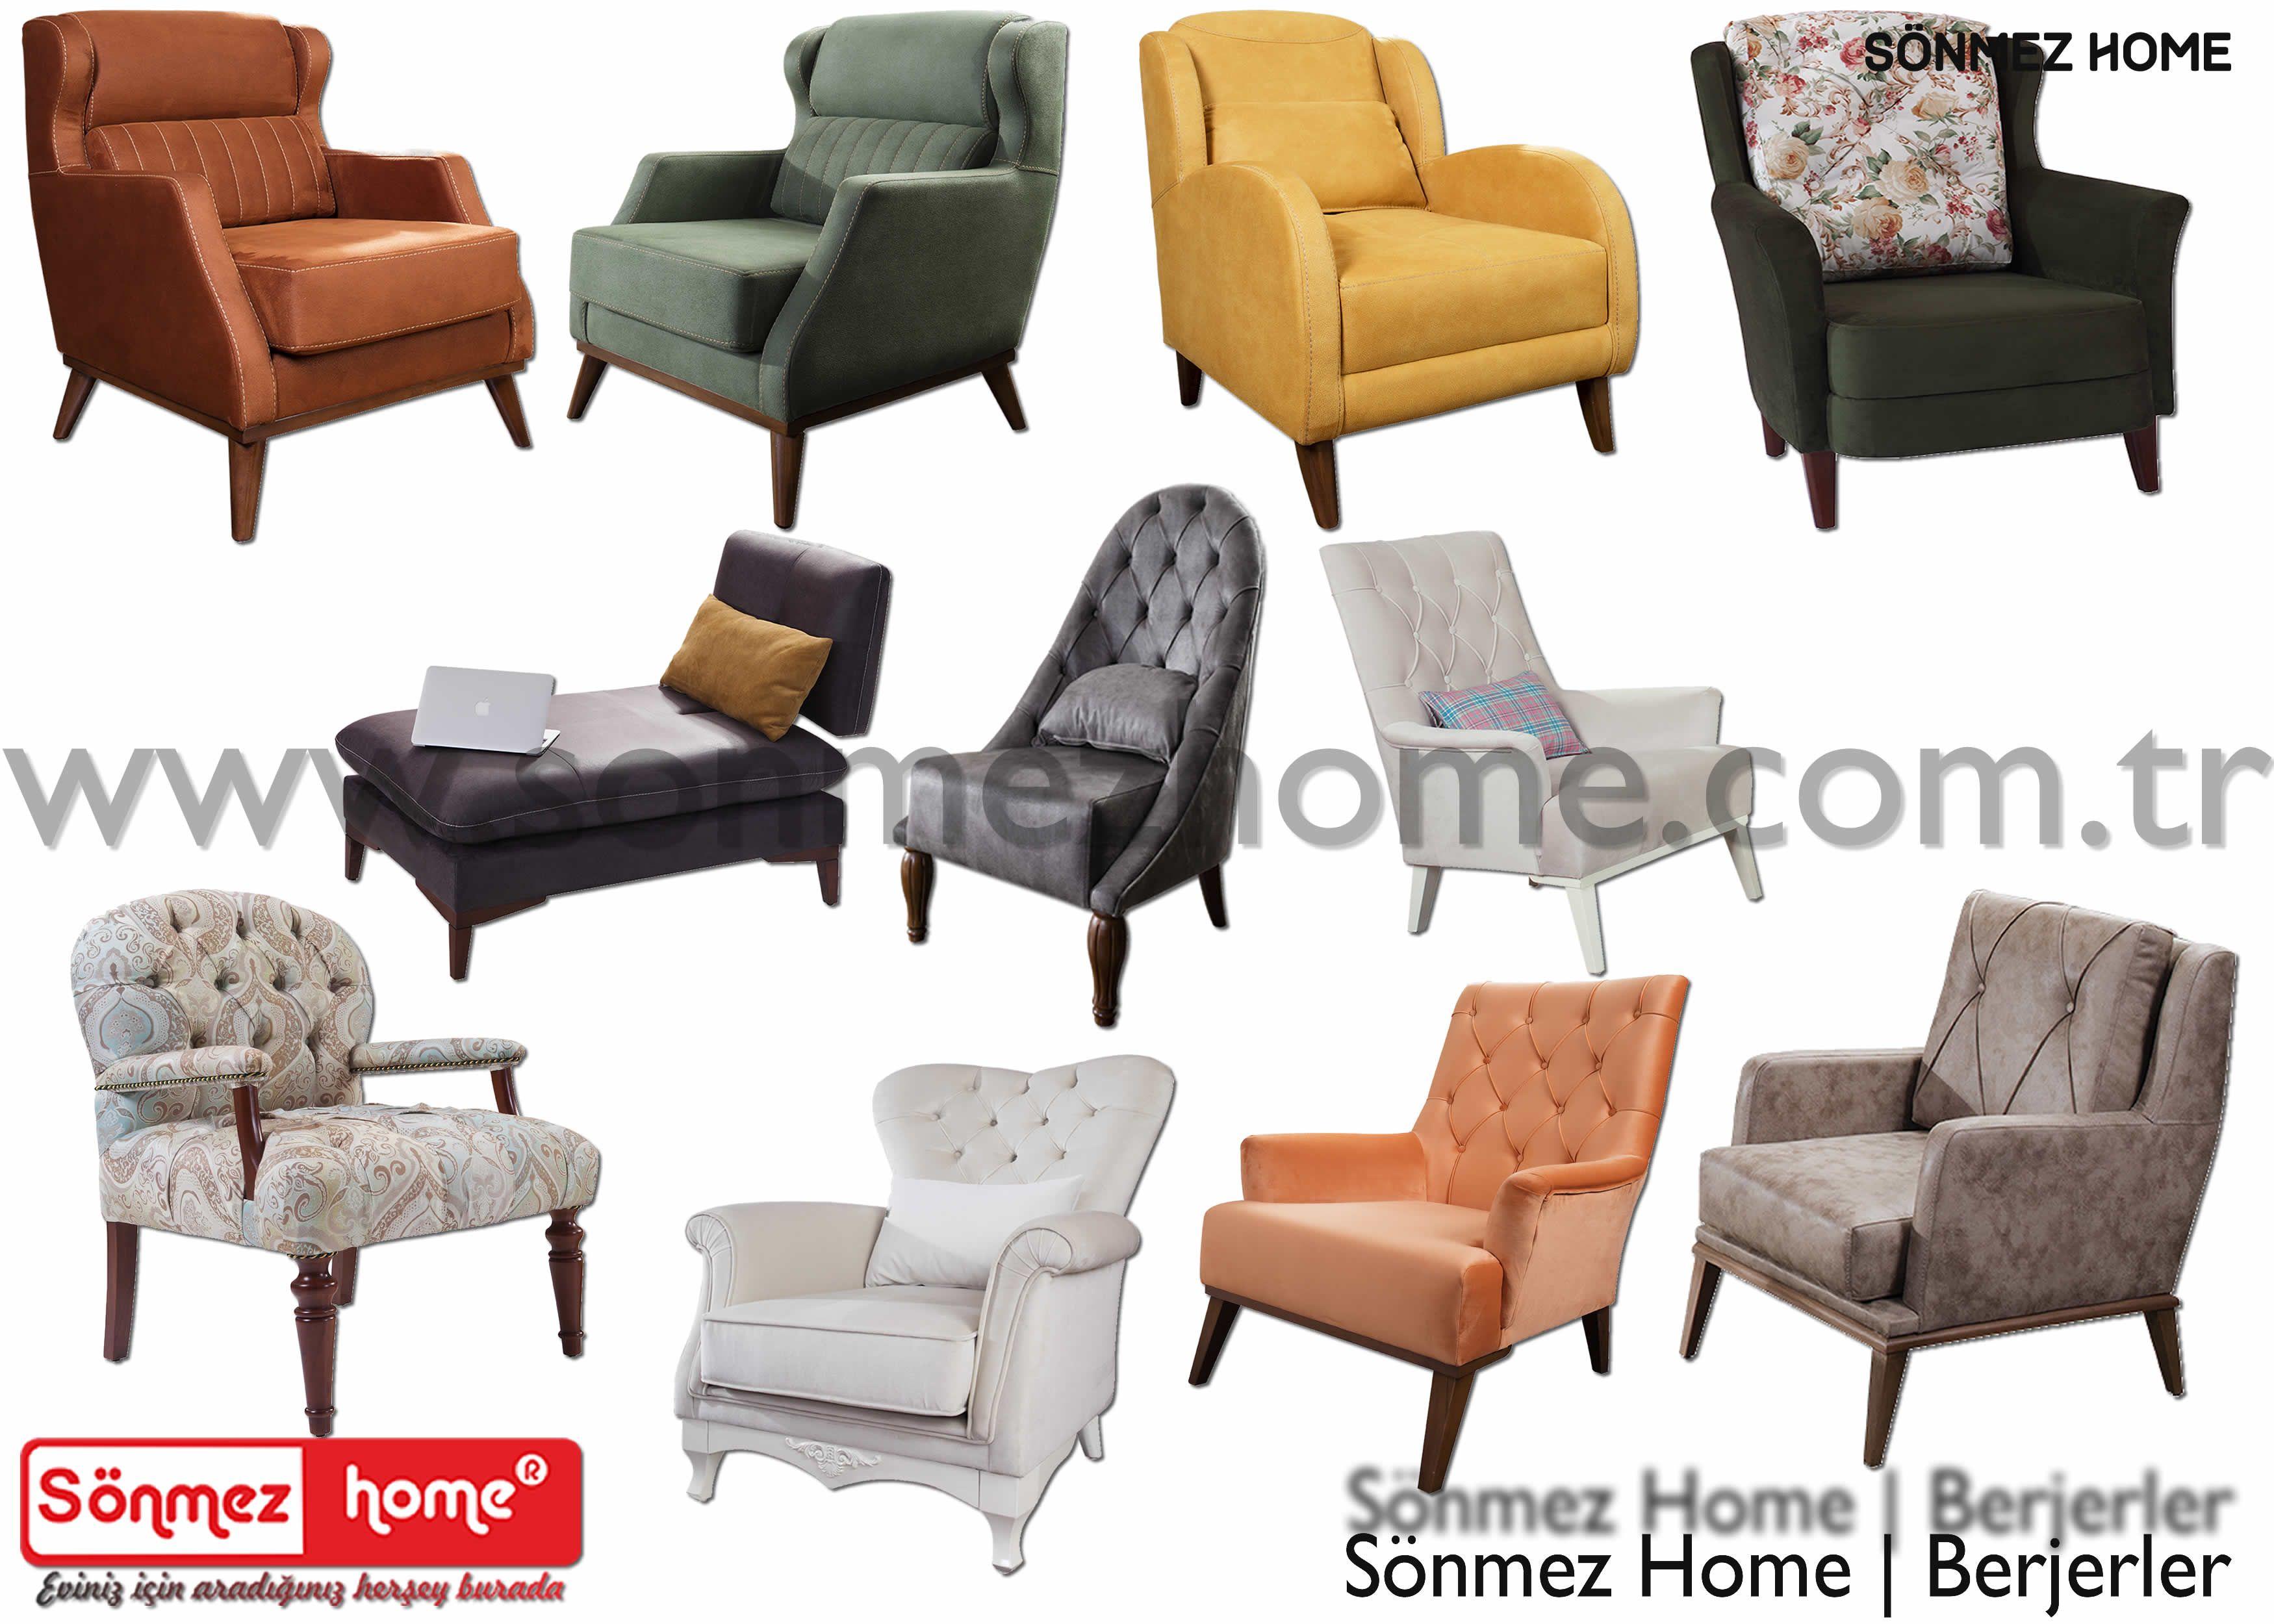 Sonmez Home Modern Mobilya Berjerler Tekli Koltuklar Modern Furniture Mobilya Sonmez Home Koltuk Kose Berje Tekli Koltuk Modern Mobilya Mobilya